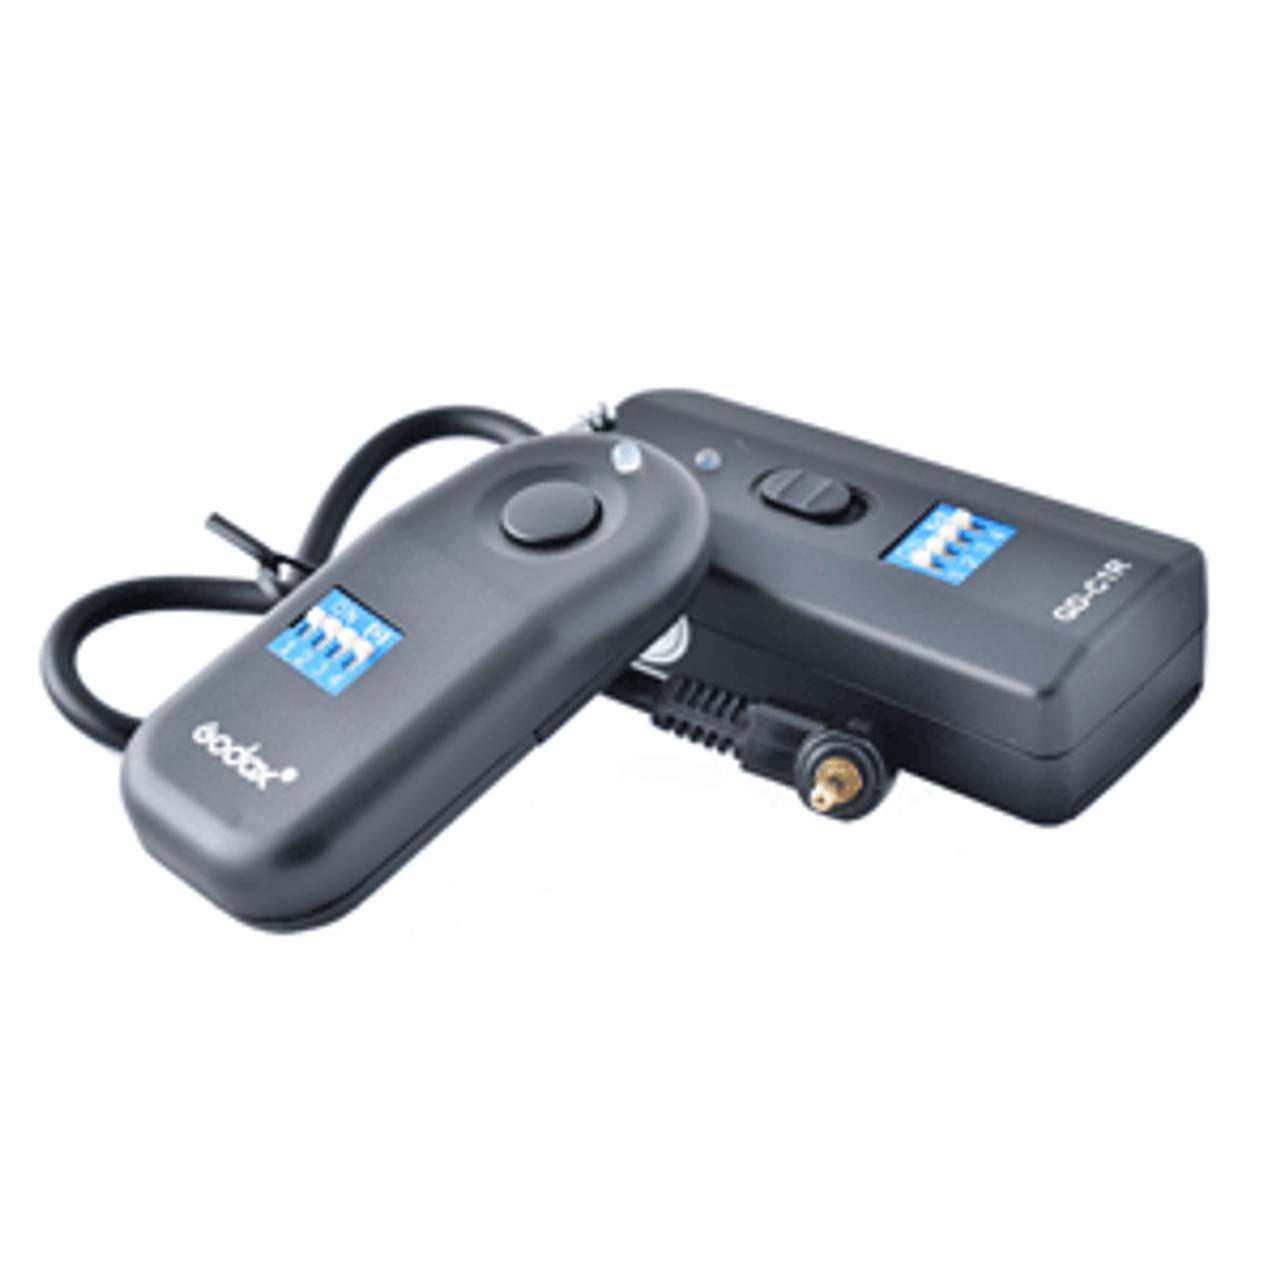 Godox  Wireless Radio Remote control Canon 1 pin